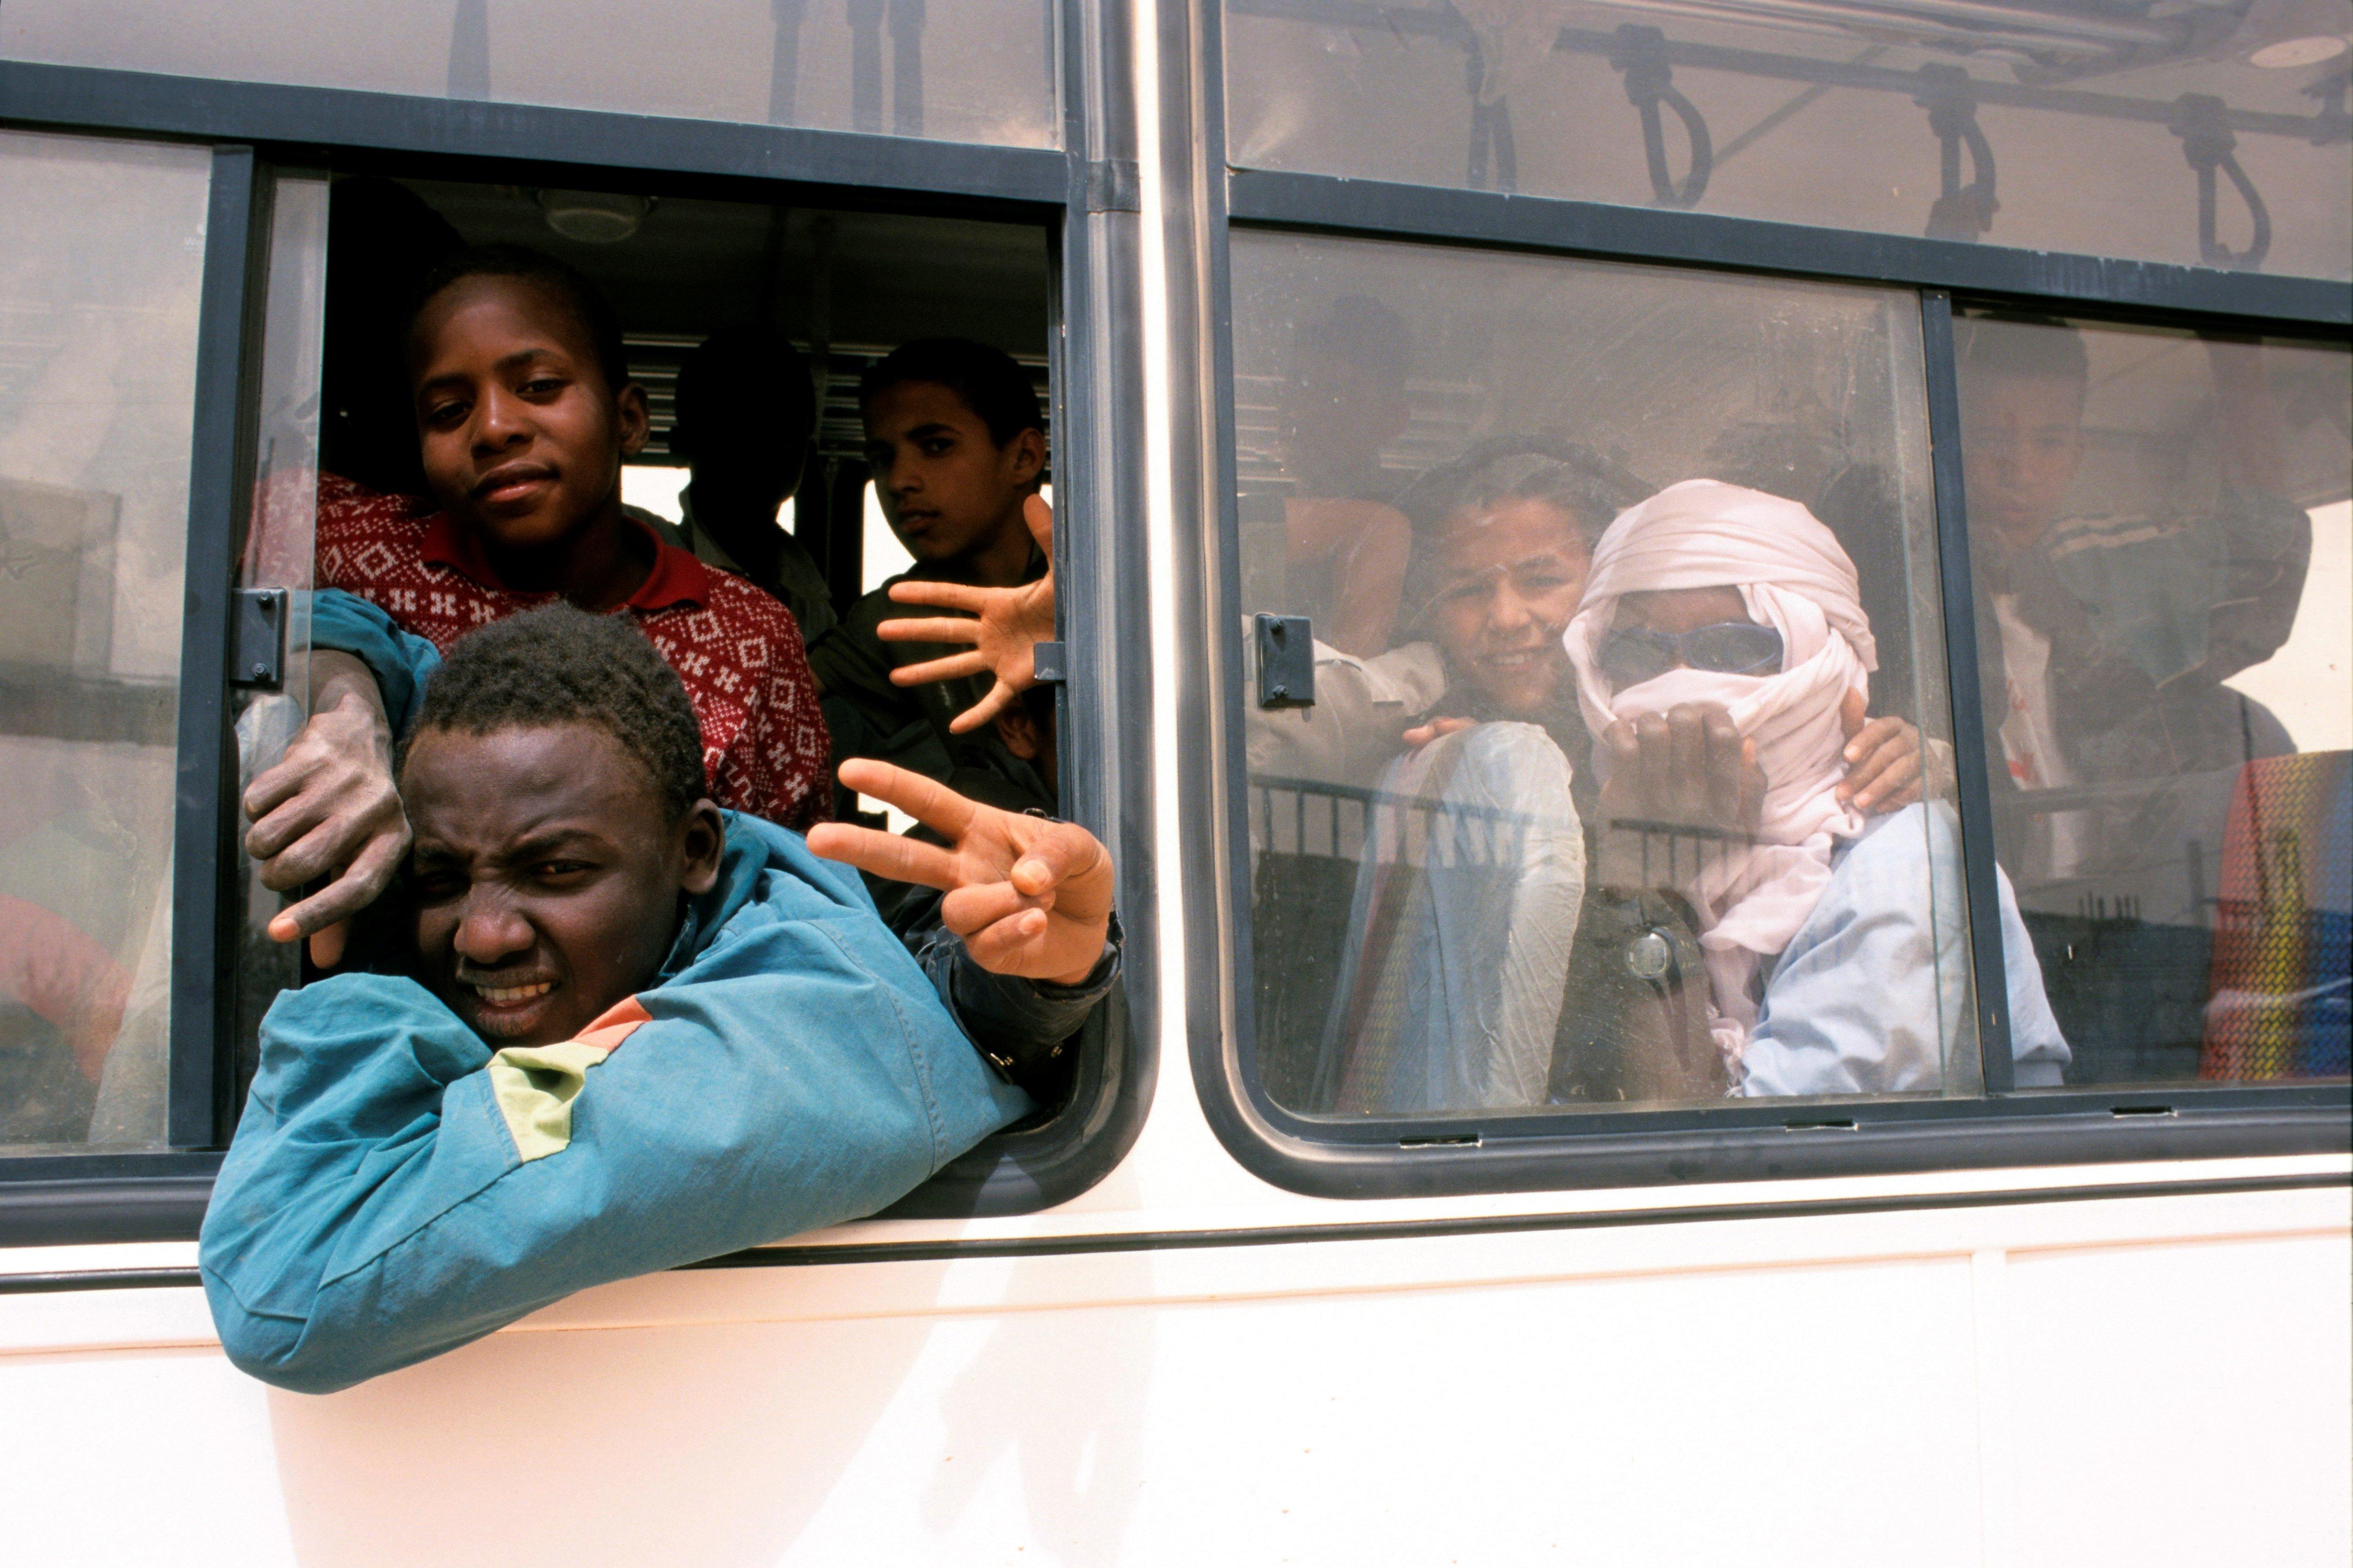 Une délégation venue du Mali pour rencontrer les migrants à